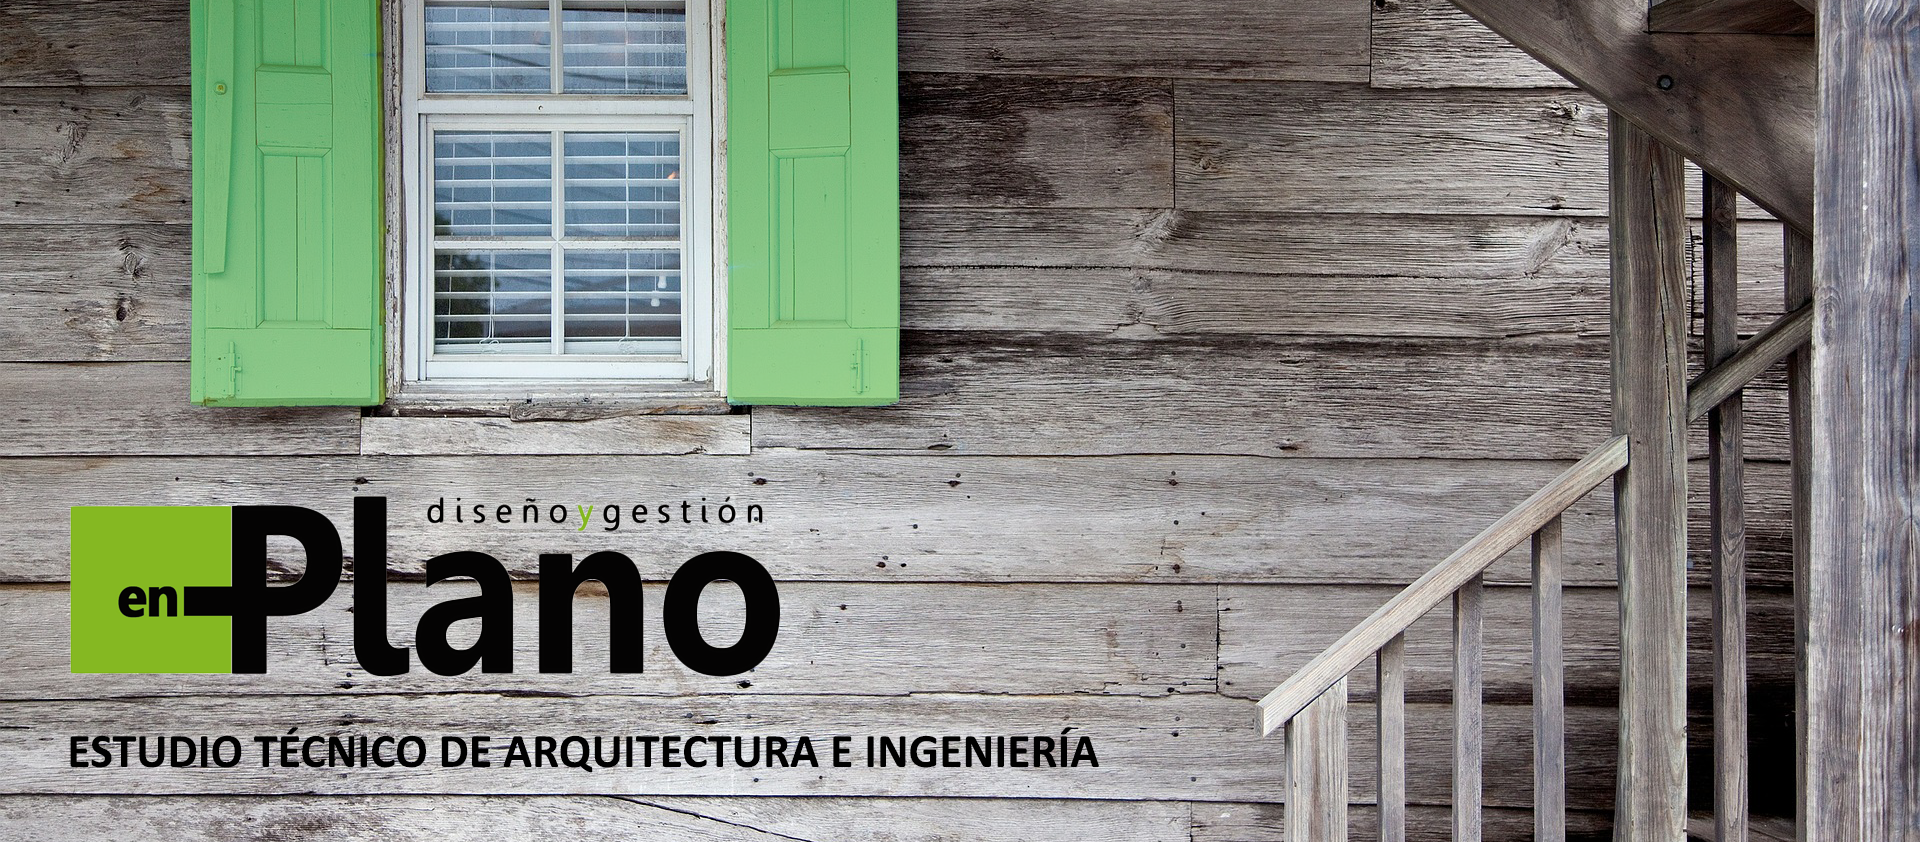 EnPlano | Diseño y Gestión